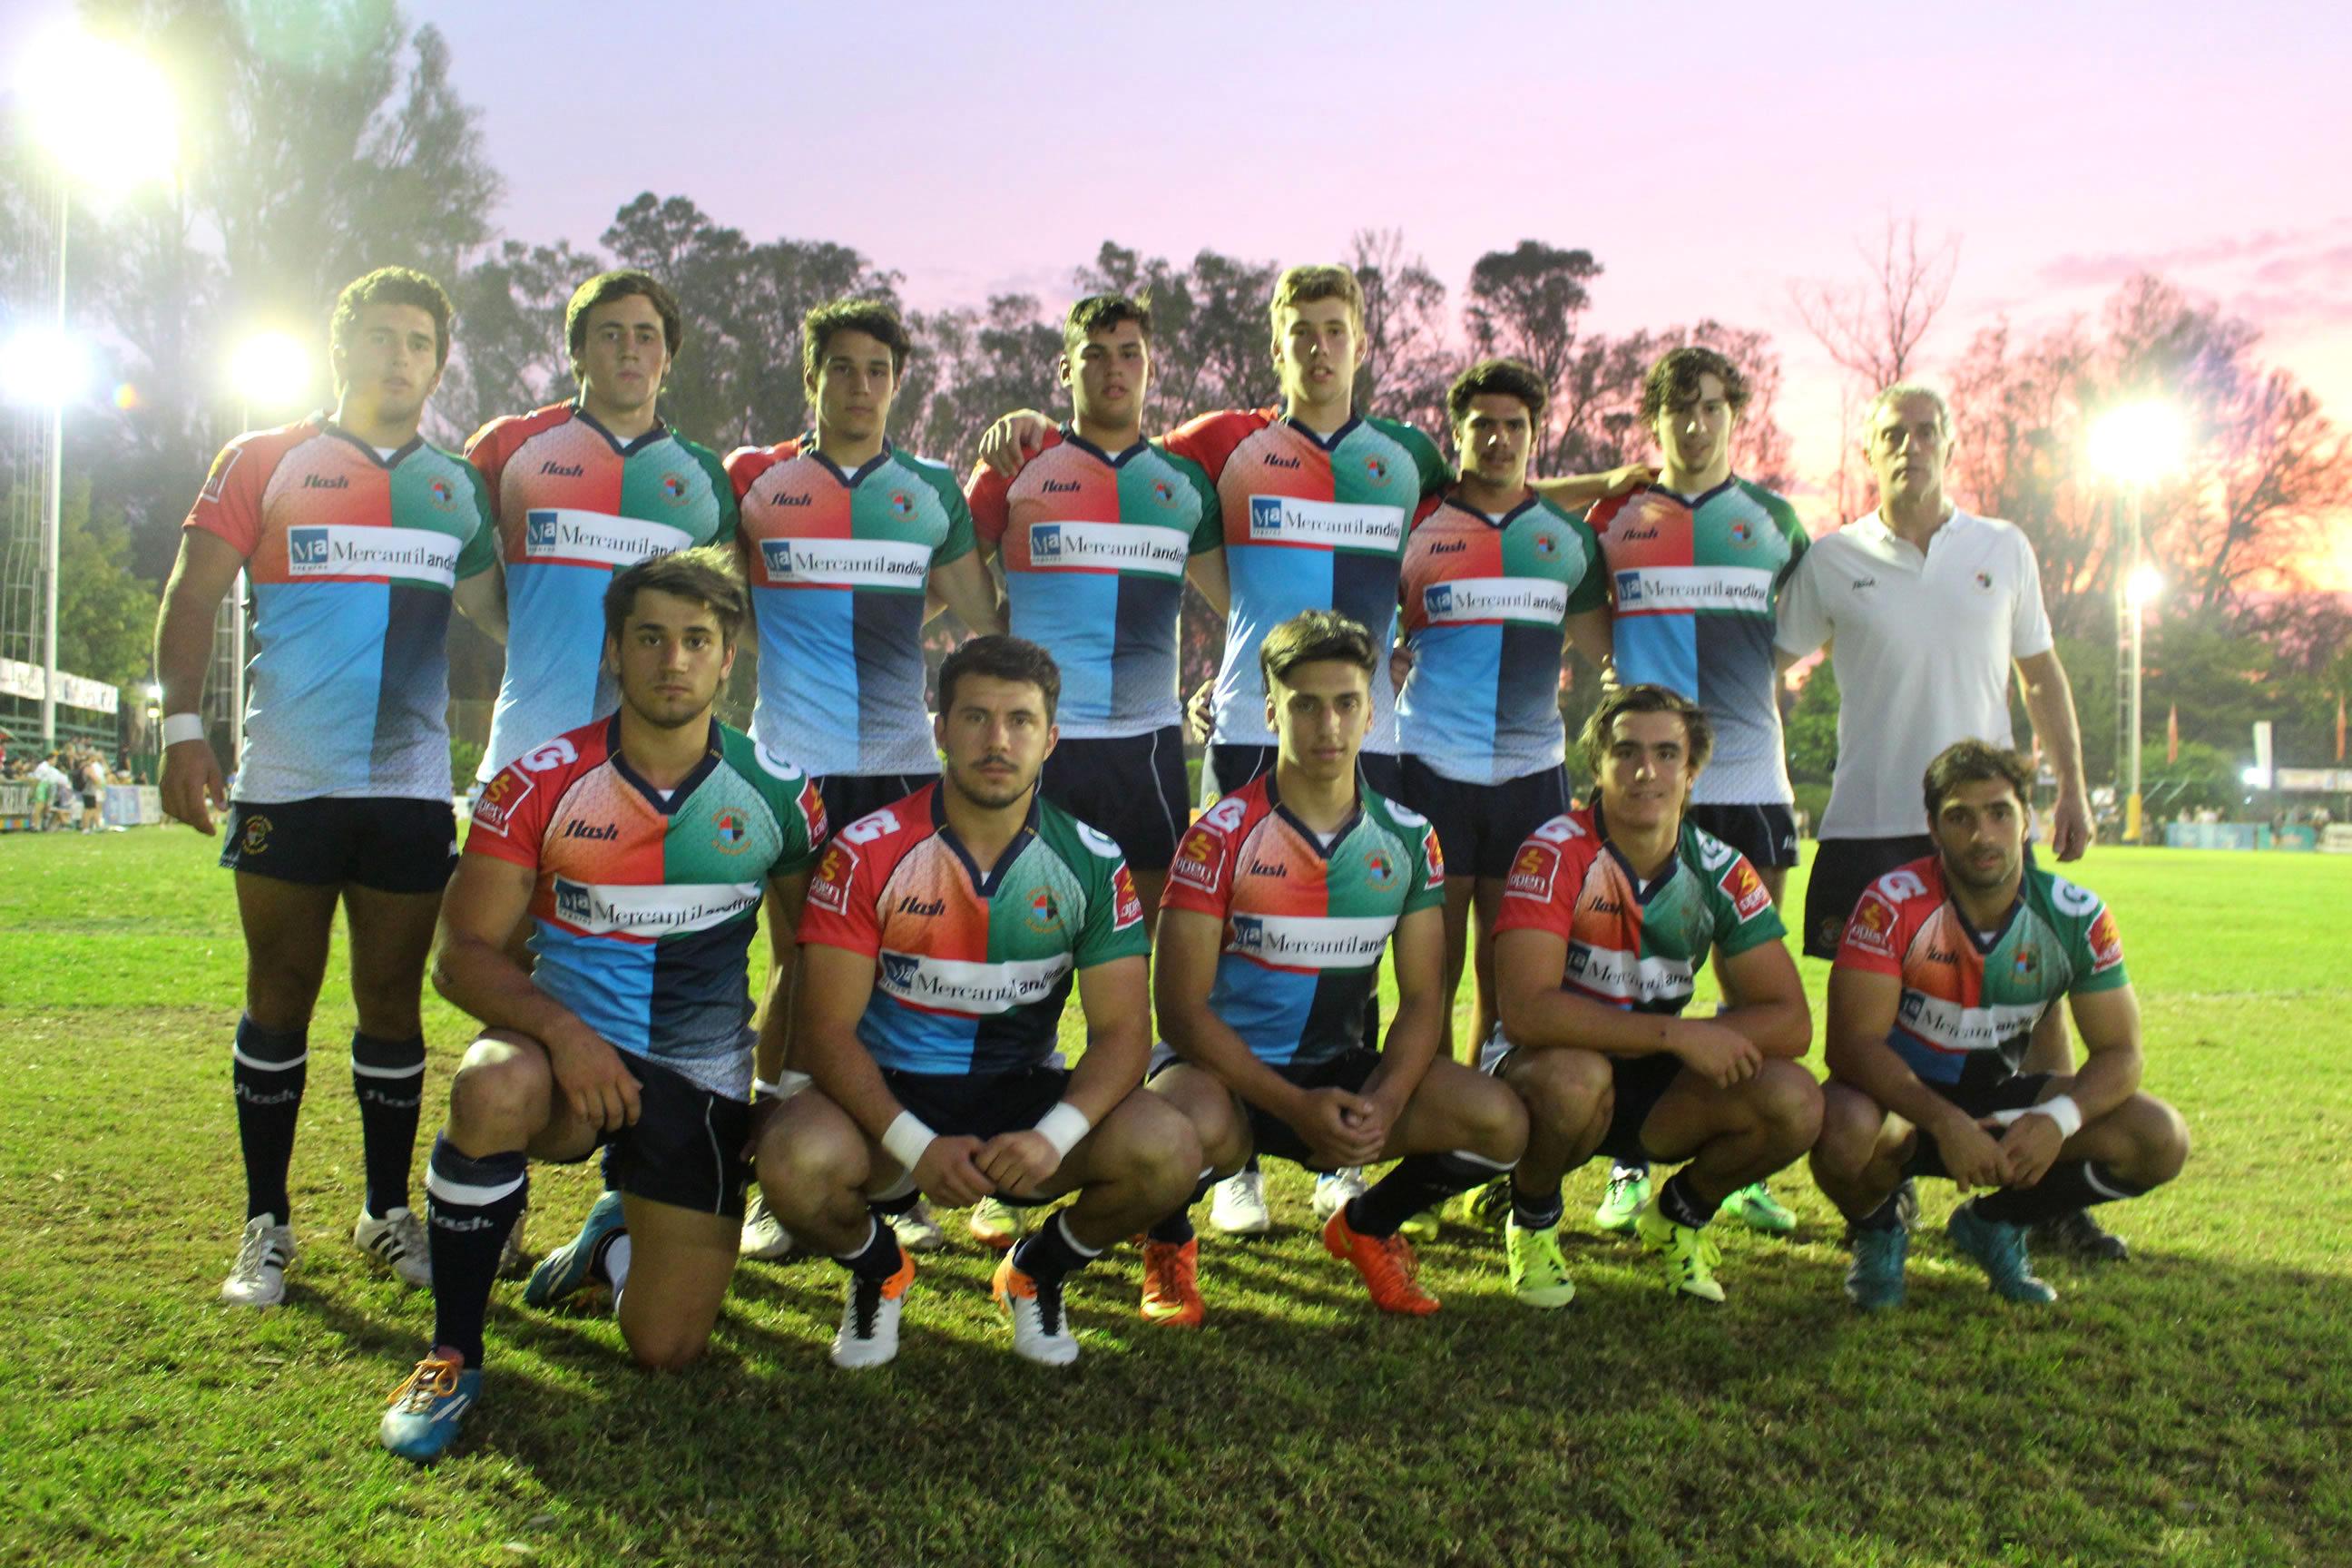 El equipo de Seven de Mar del Plata. (Foto: Prensa URMDP)